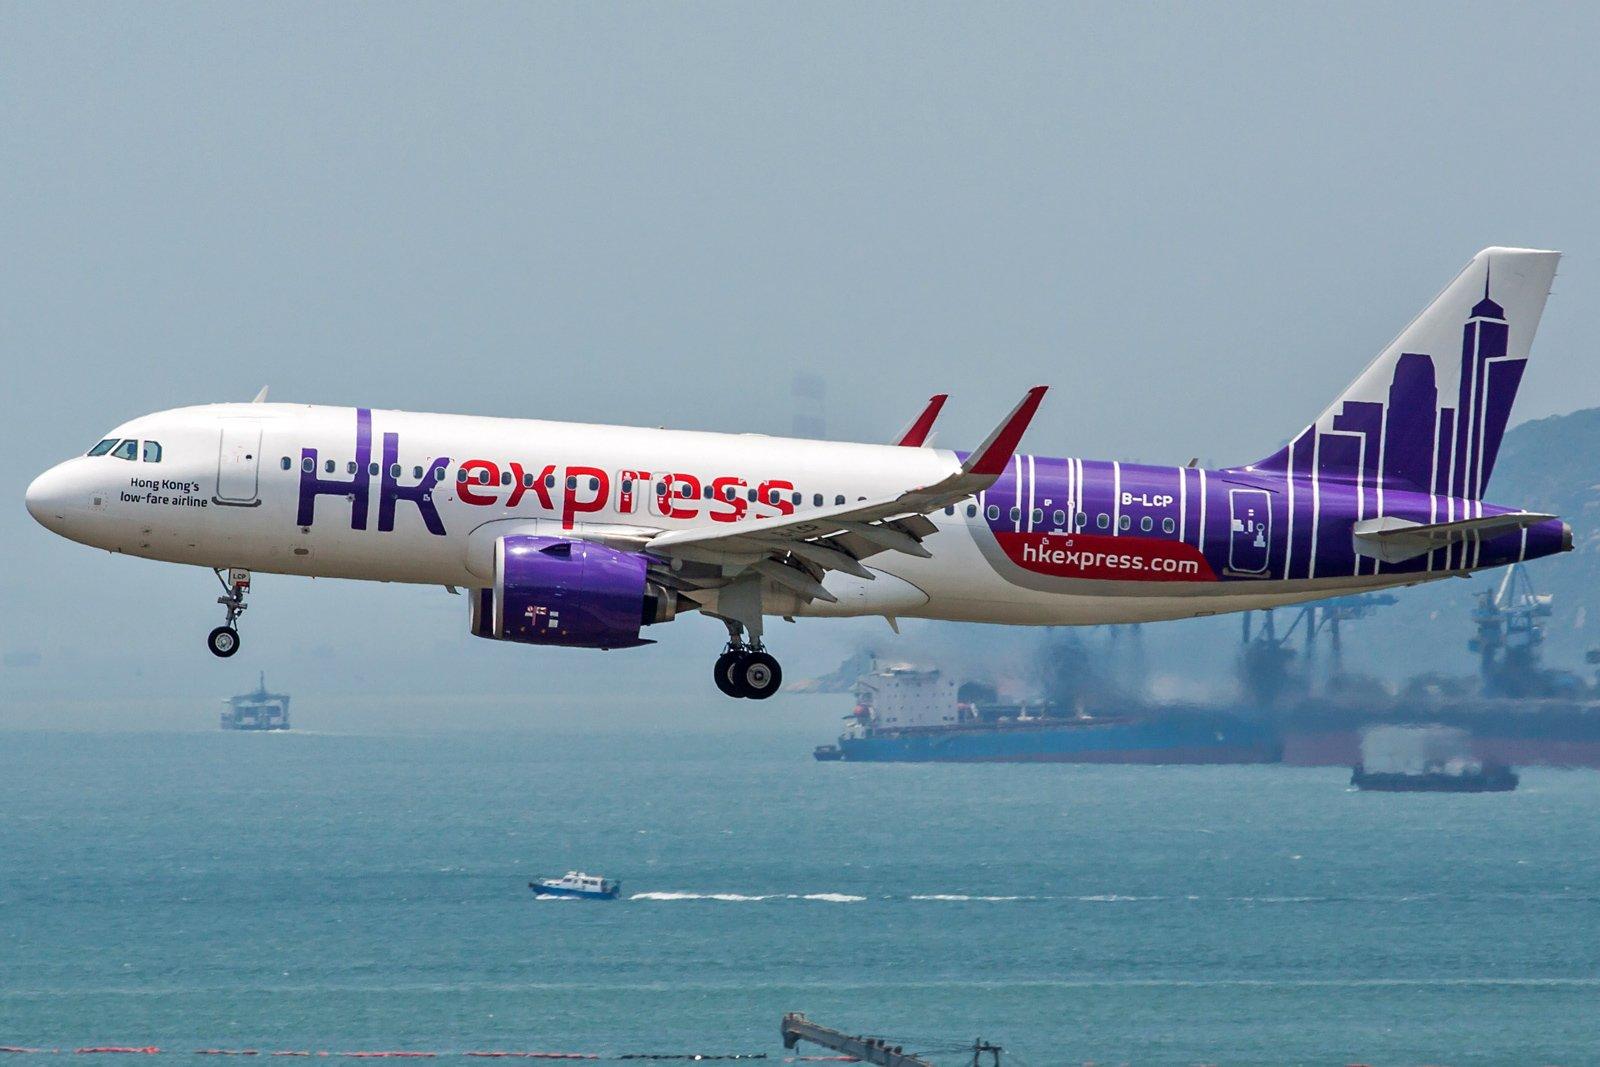 Hong Kong Express Airbus A320-271N B-LCP